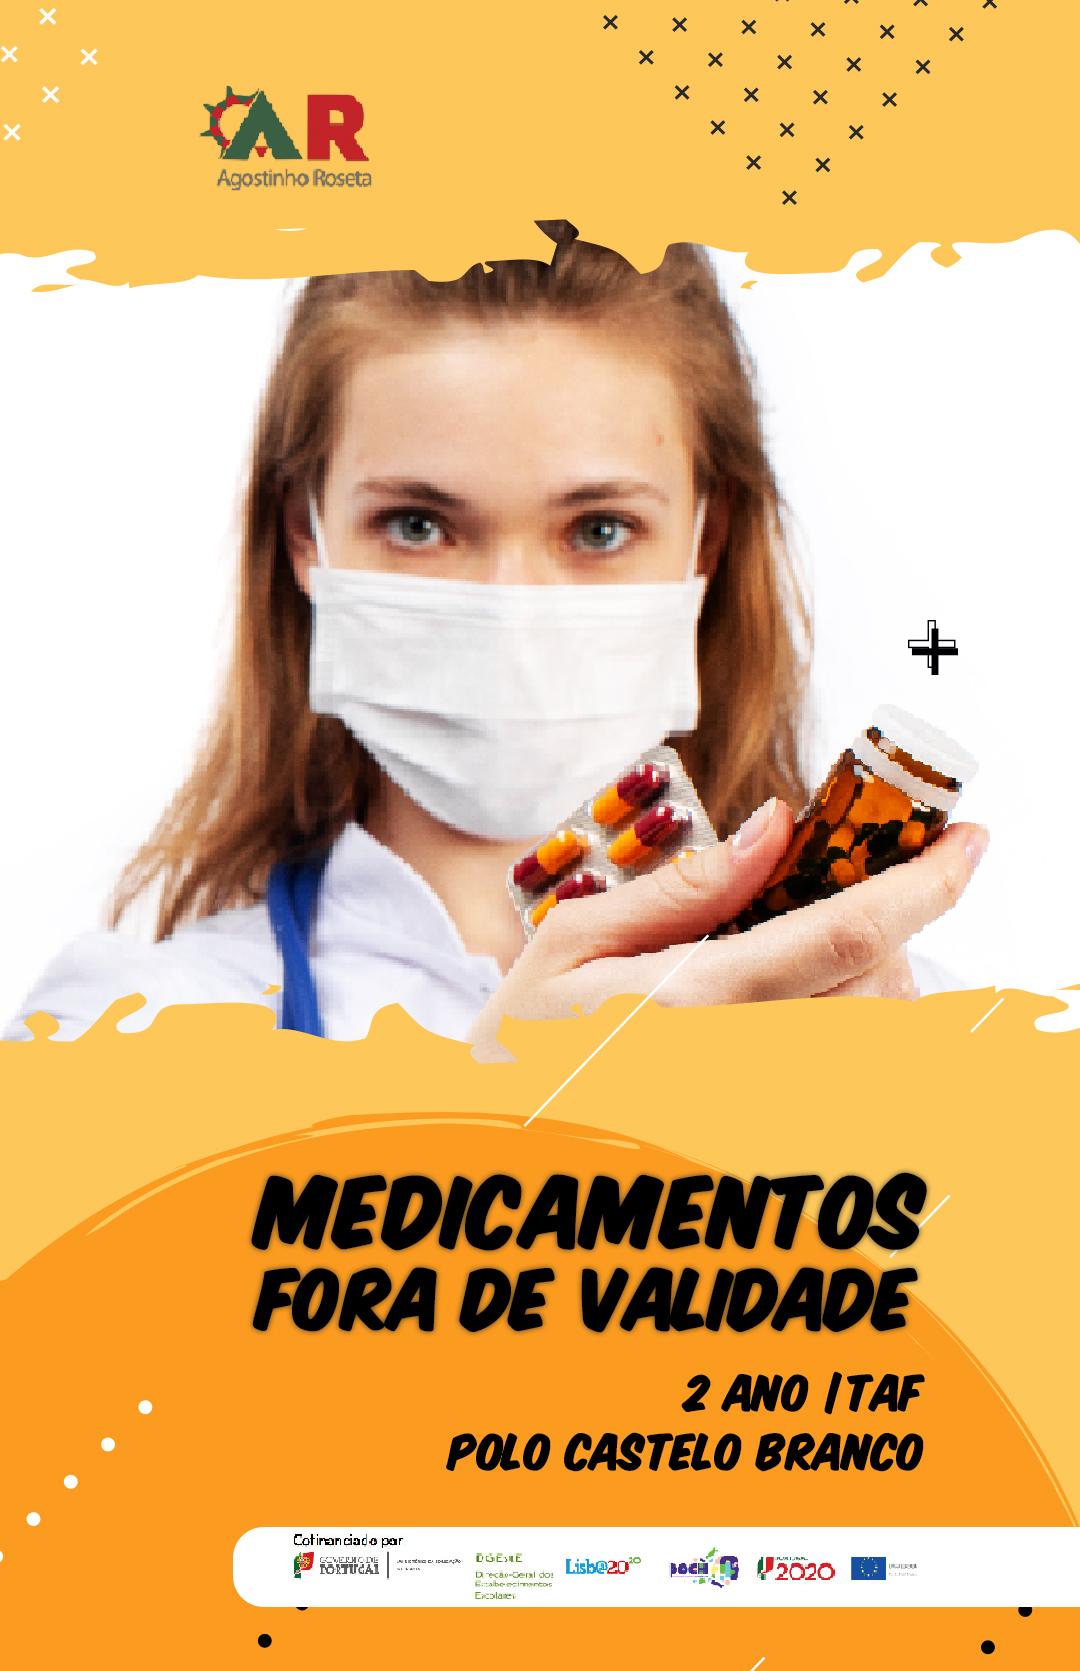 Medicamentos fora da Validade